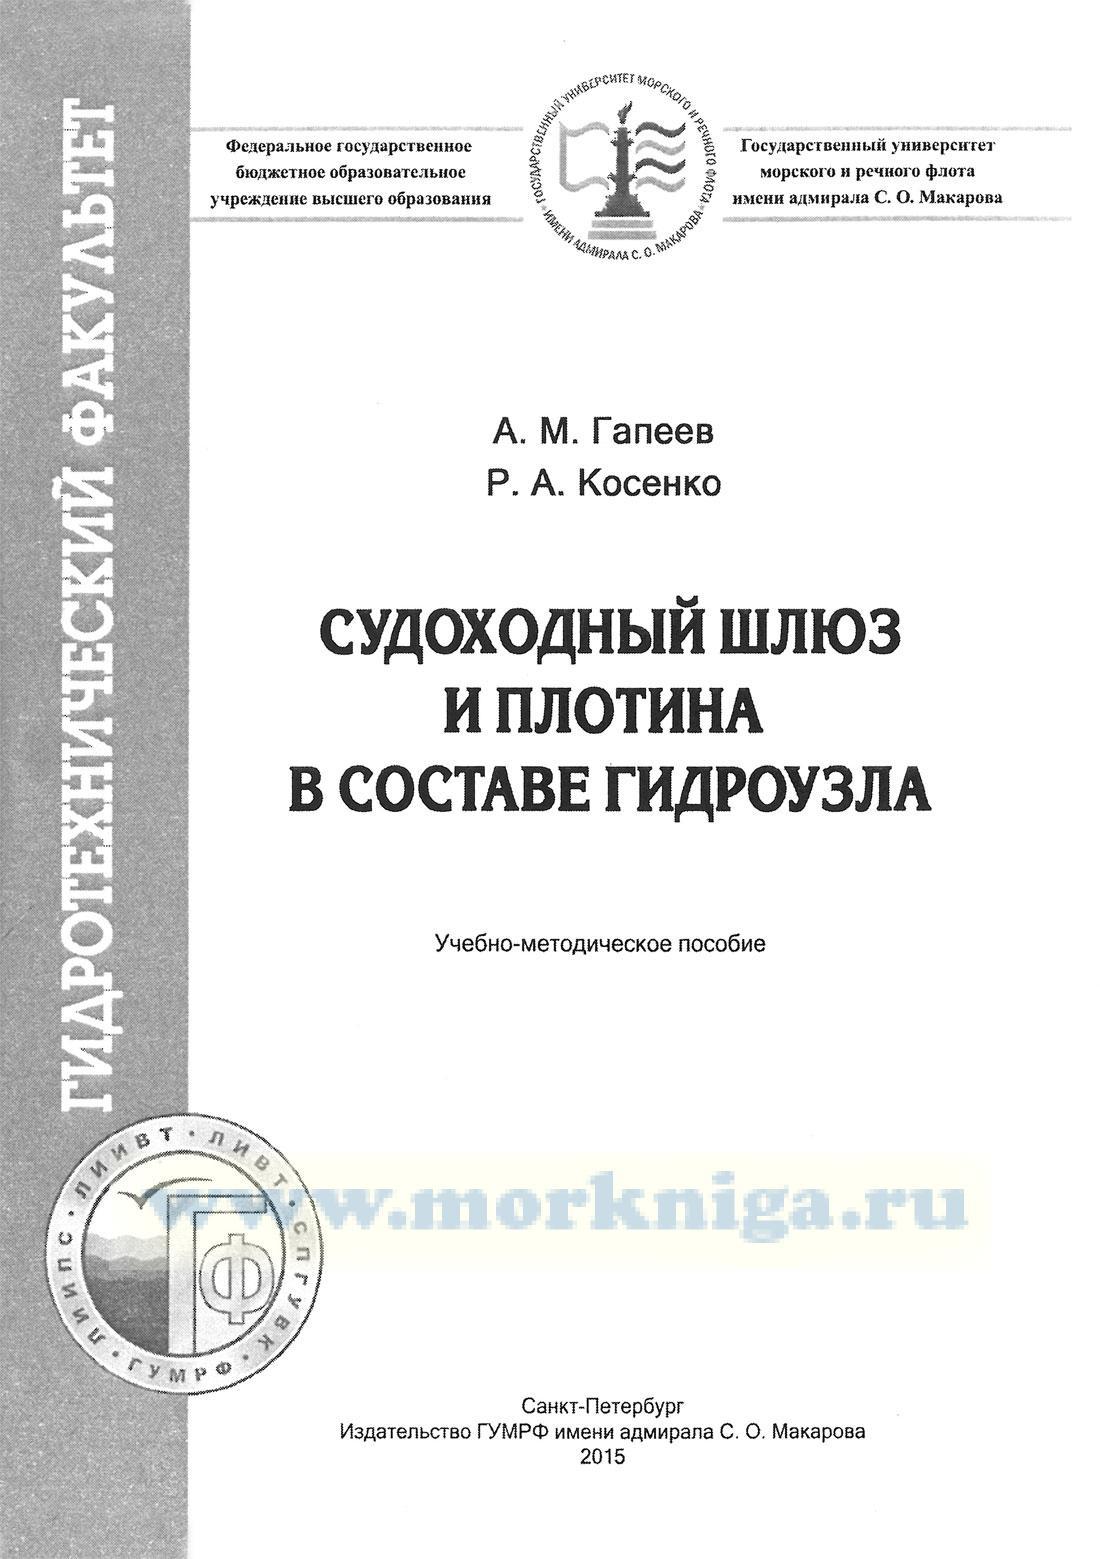 Судоходный шлюз и плотина в составе гидроузла: учебно-методическое пособие